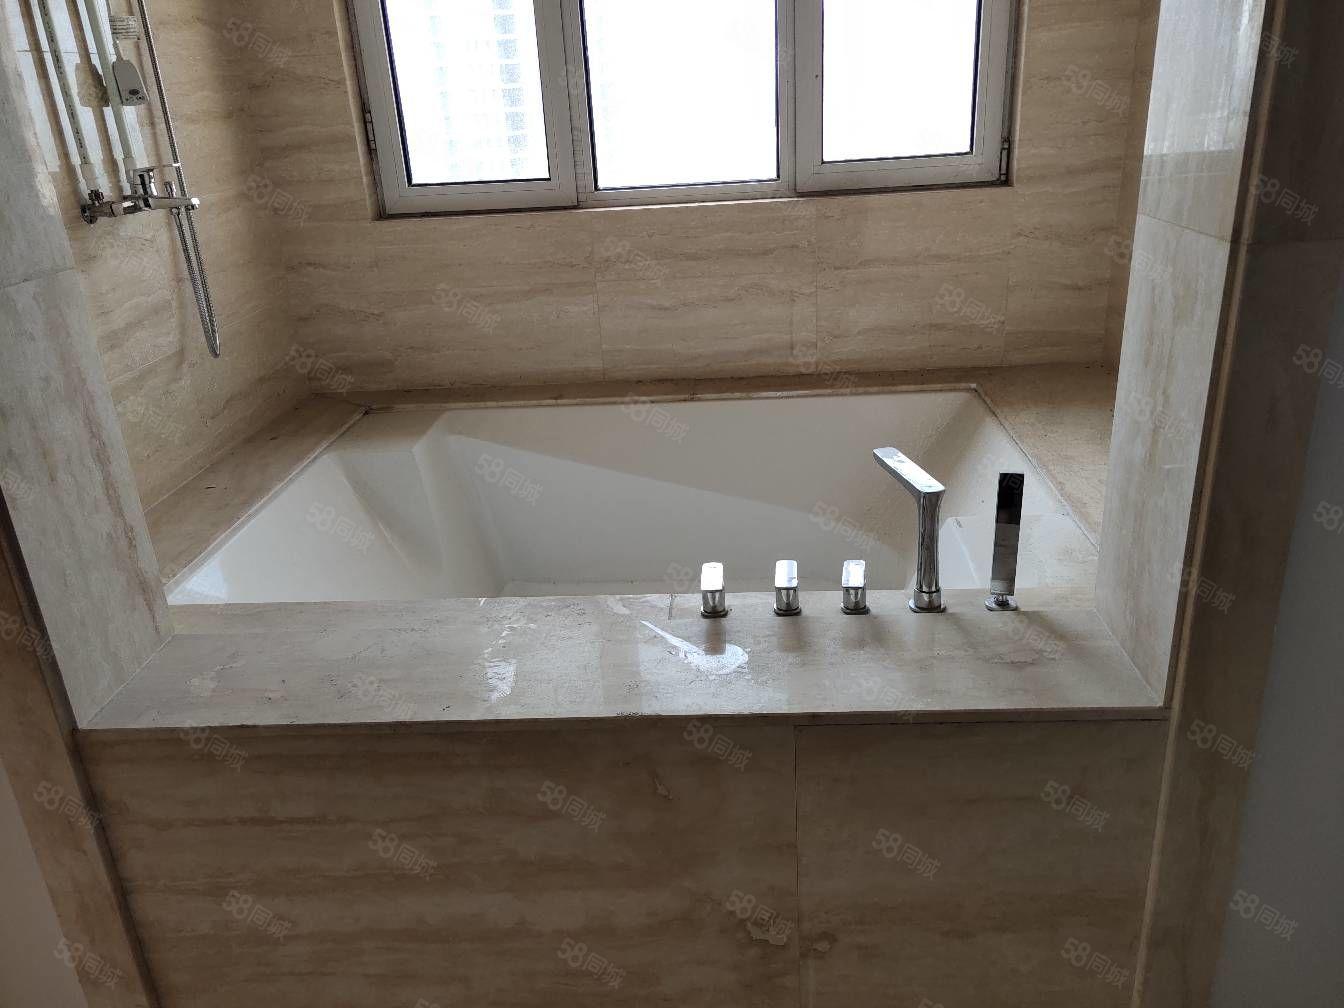 團泊湖現房高層集中供暖溫泉入戶可落戶一個下房本